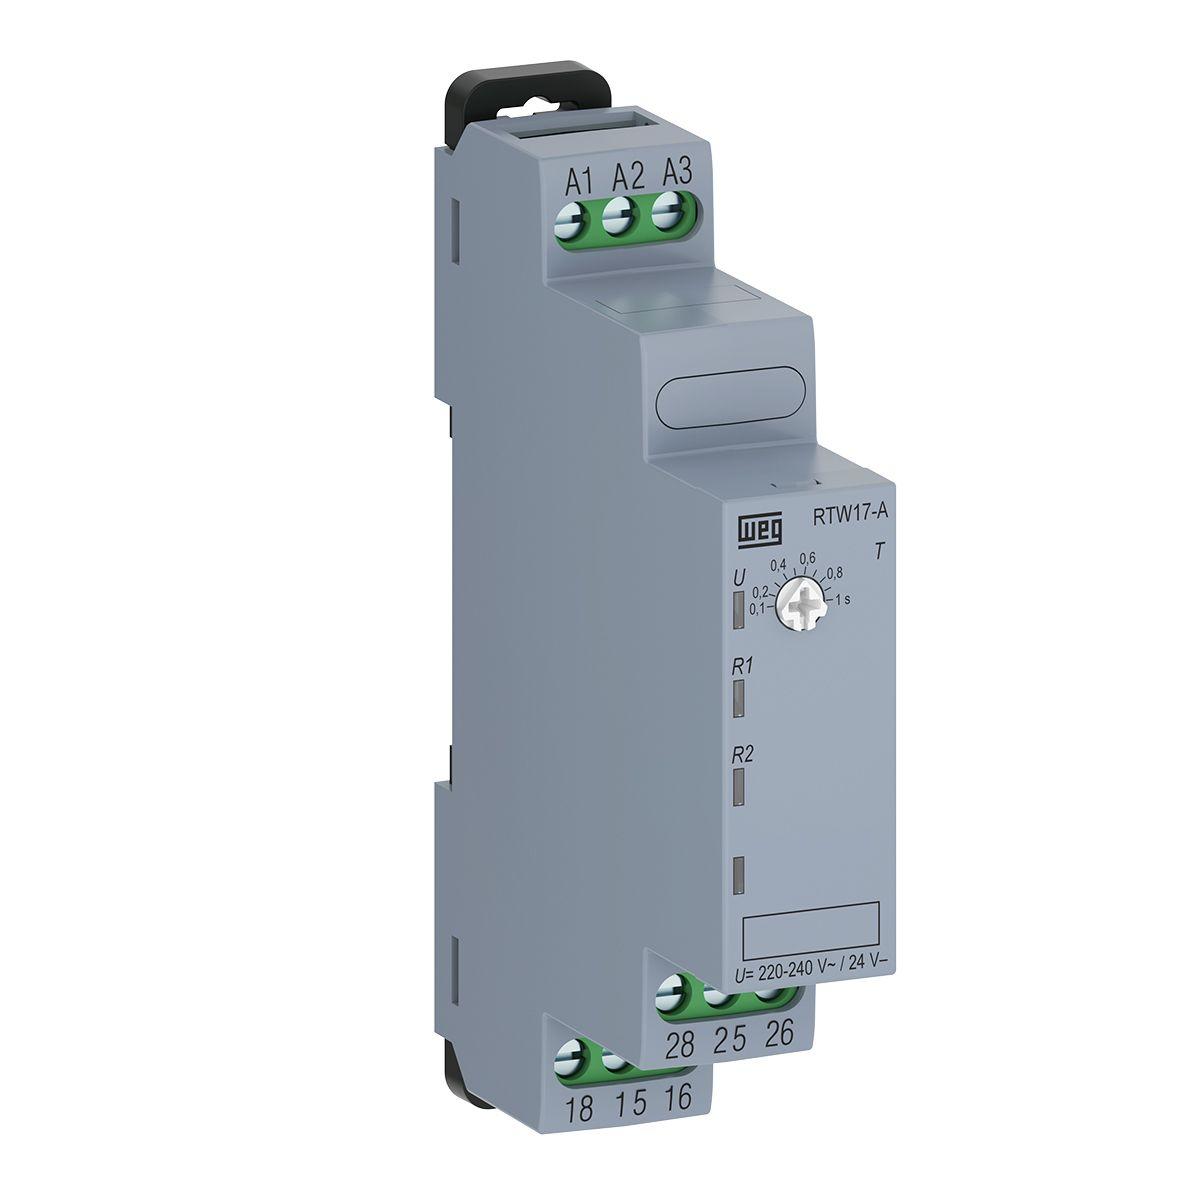 Relé Eletrônico Temporizador Retardo 3-30min 220V RTW17 WEG